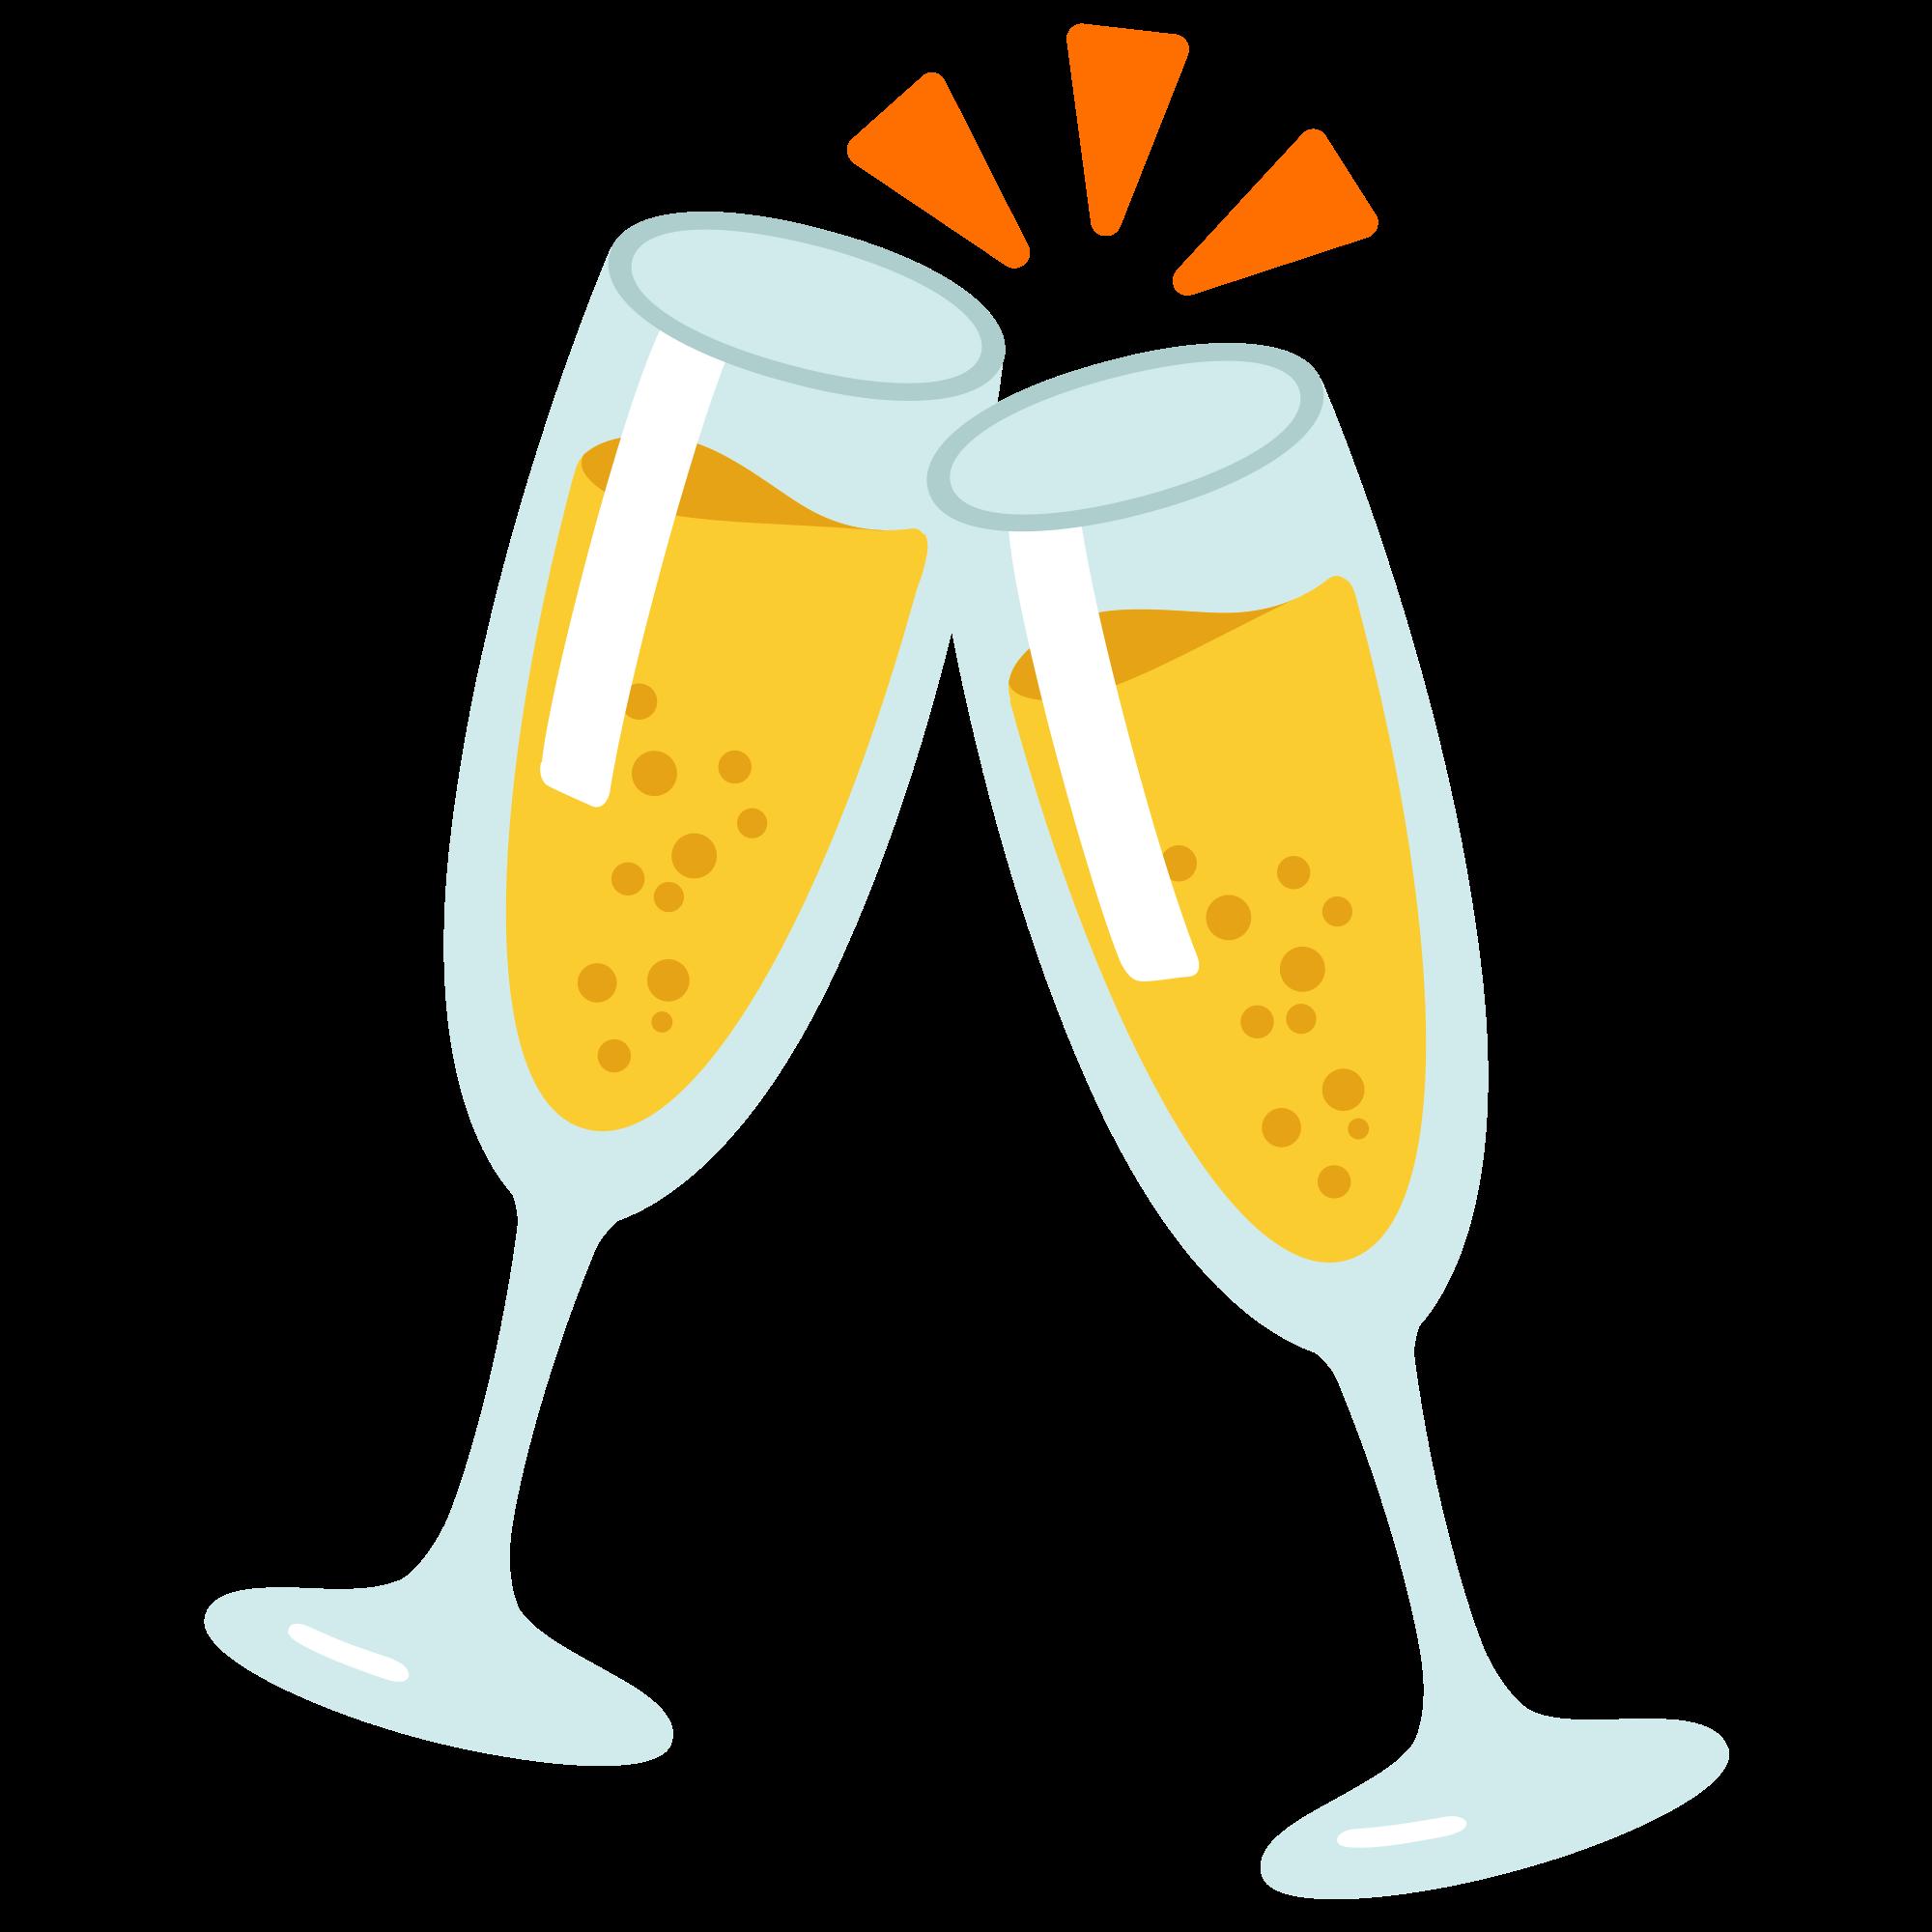 Anniversary clipart wine glass, Anniversary wine glass.